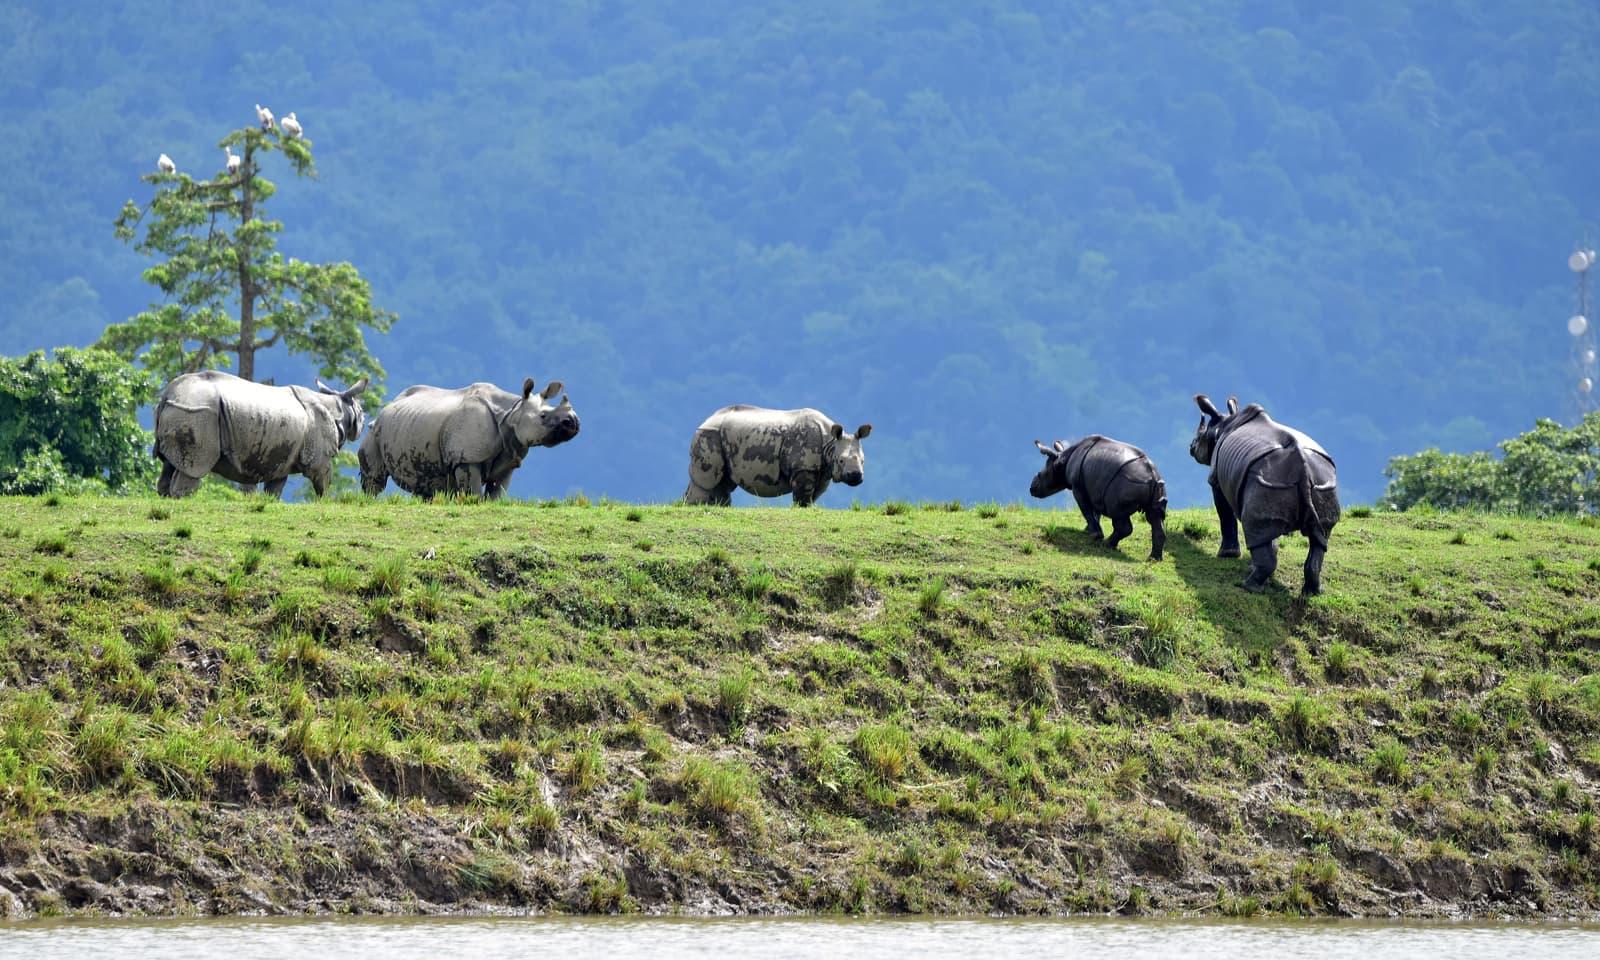 بھارتی ریاست آسام میں سیلاب کے بعد نیشنل پارک کے گینڈے اونچے مقام پر منتقل ہو رہے ہیں— فوٹو رائٹرز